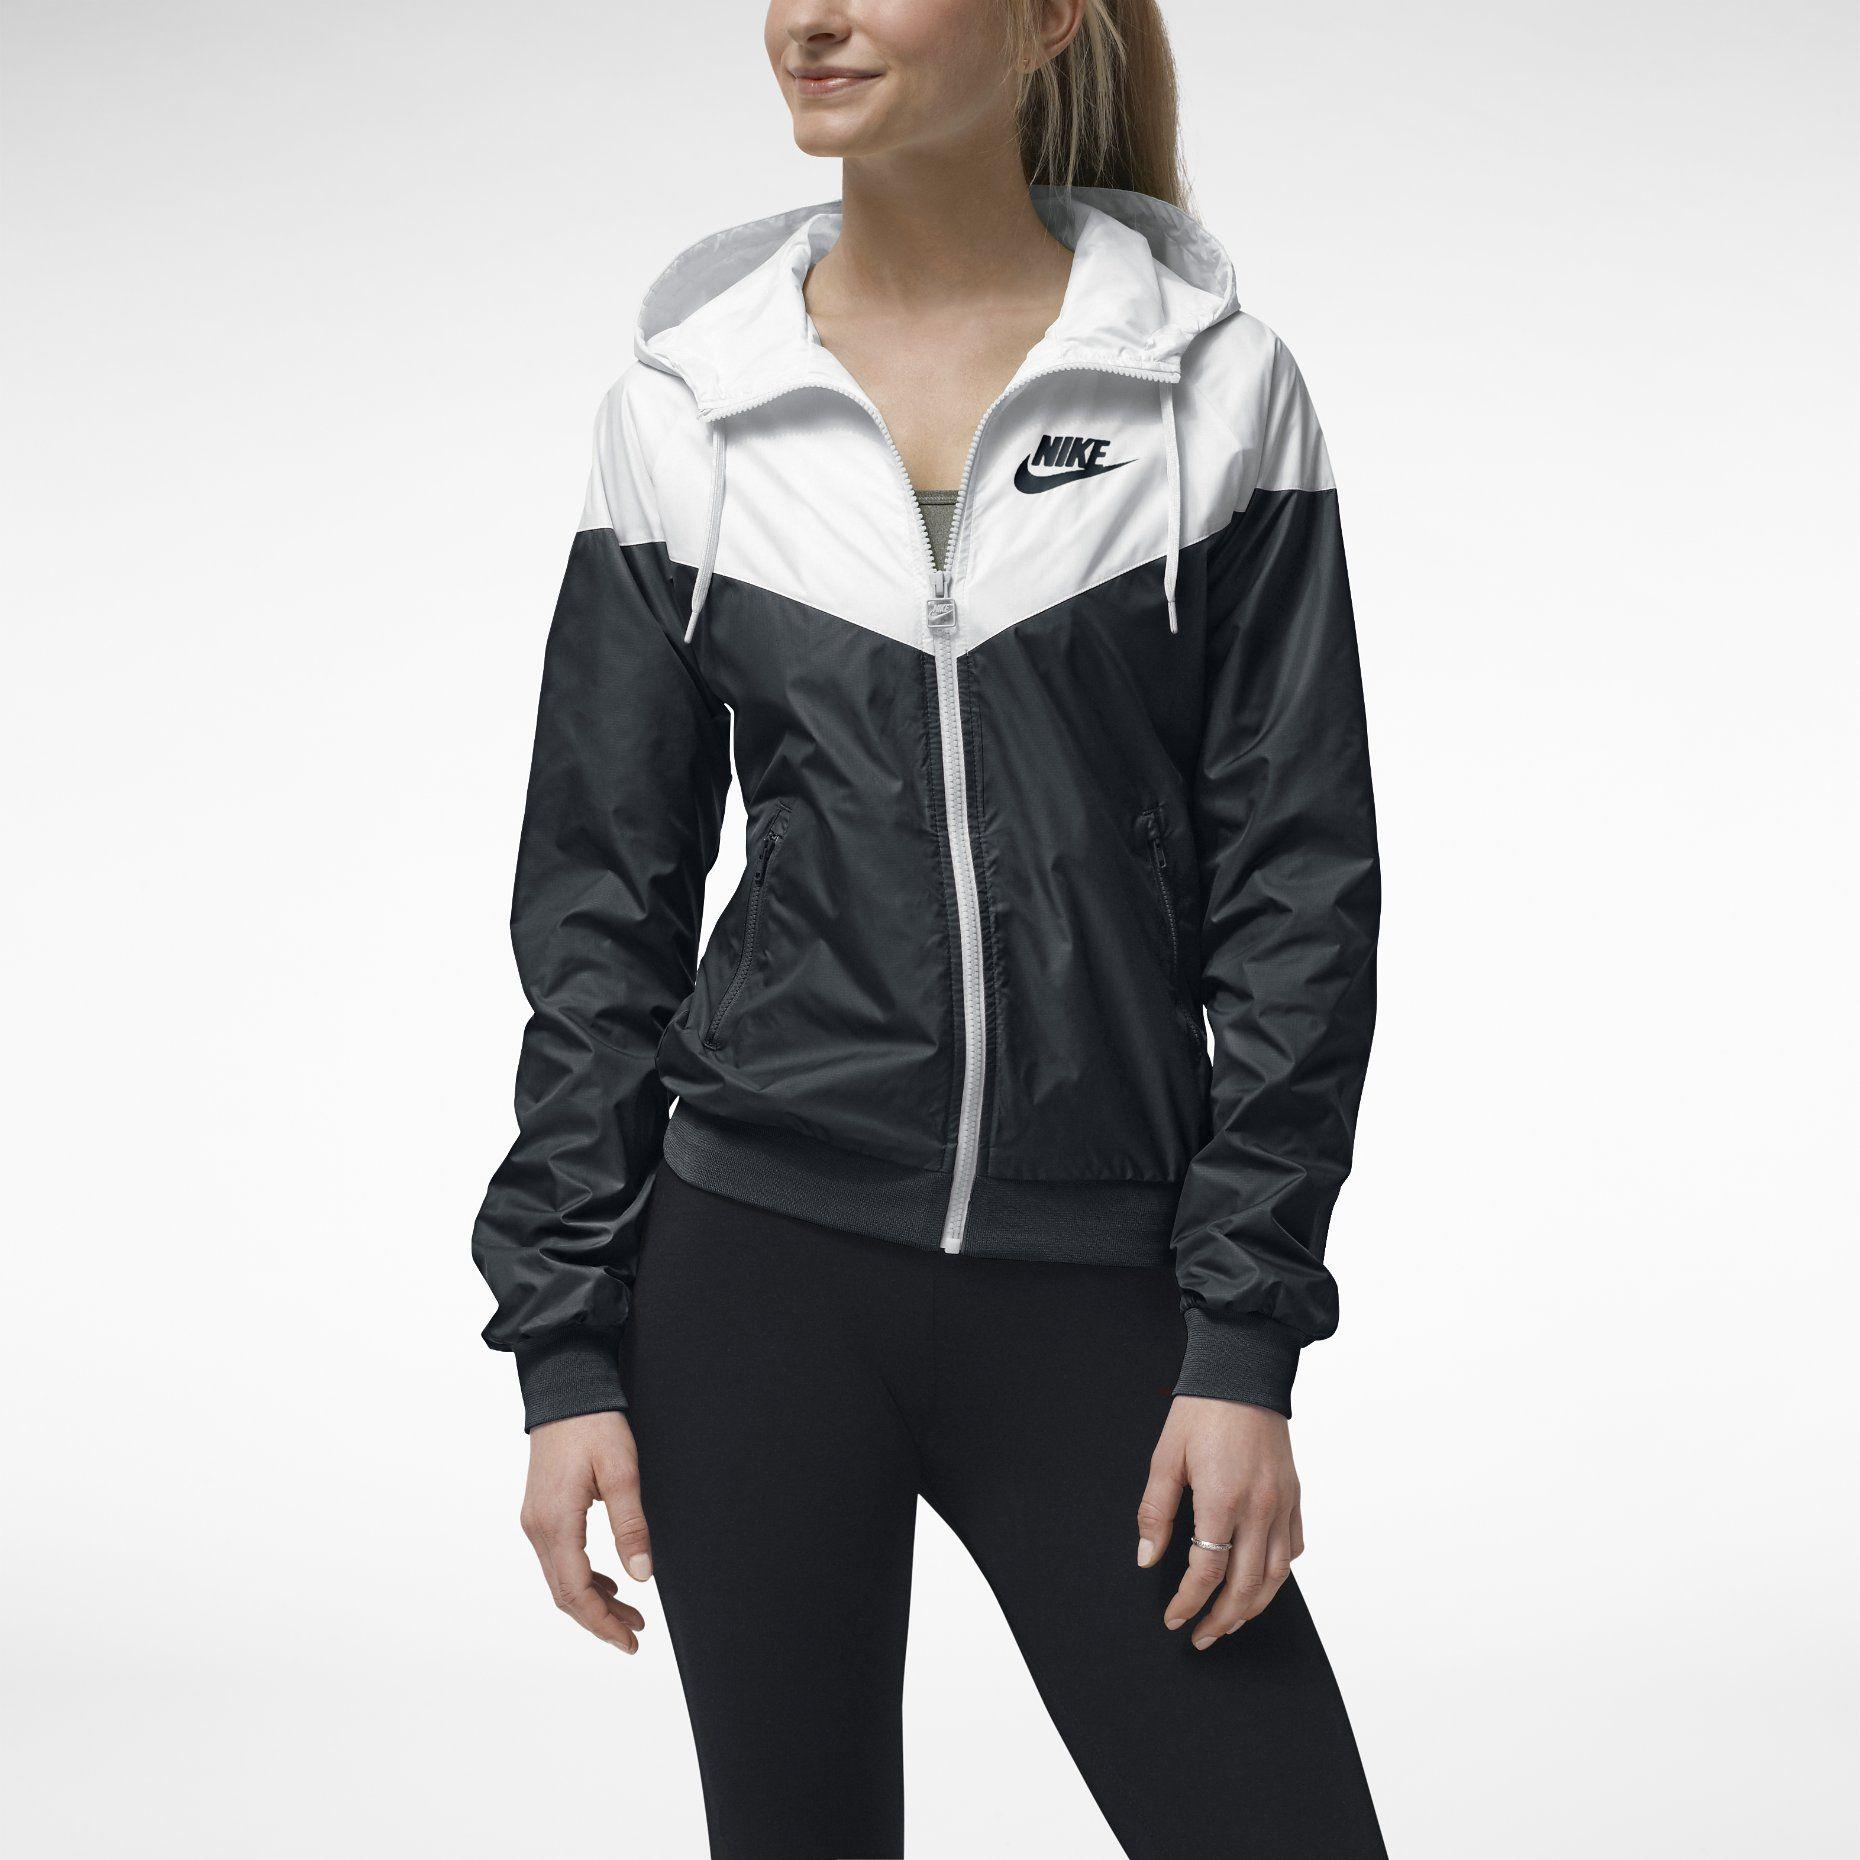 Nike Windrunner Women's Jacket in black and white 85.00